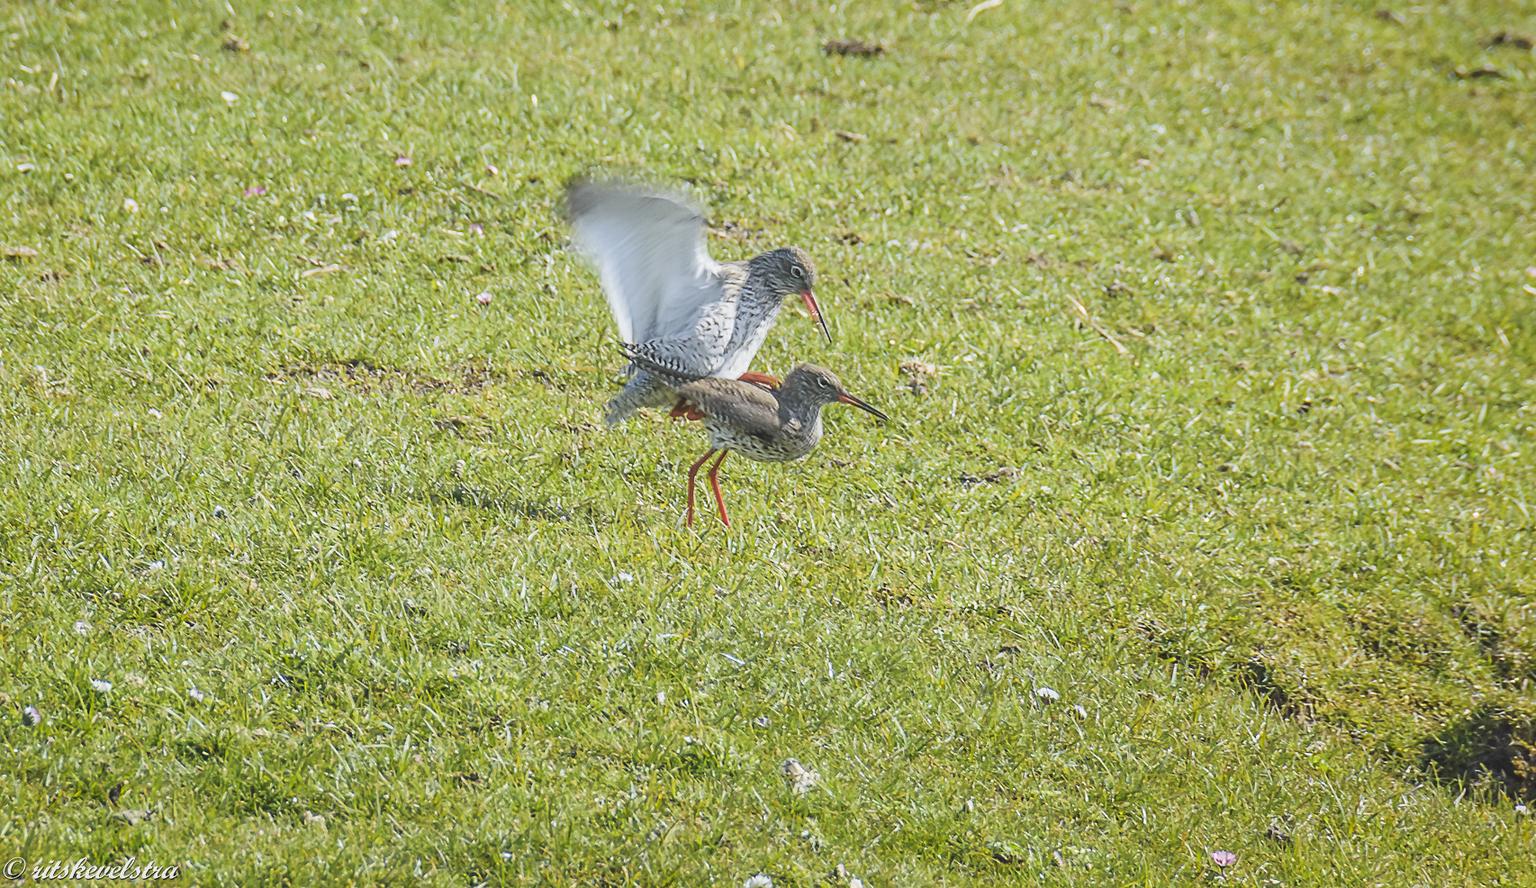 Voor de tureluurs is de lente begonnen. - Gisteren fietsend door de weilanden hoorde ik de Tureluurs en stapte af.  Toestel uit de tas en snel geschoten. Daardoor niet helemaal scherp maar we - foto door rits op 13-04-2021 - locatie: Heiloo, Nederland - deze foto bevat: lente, weilanden, tureluurs, heiloo, vogel, gras, bek, bodembedekker, grasland, veer, weide, terrestrische dieren, zeevogel, vleugel